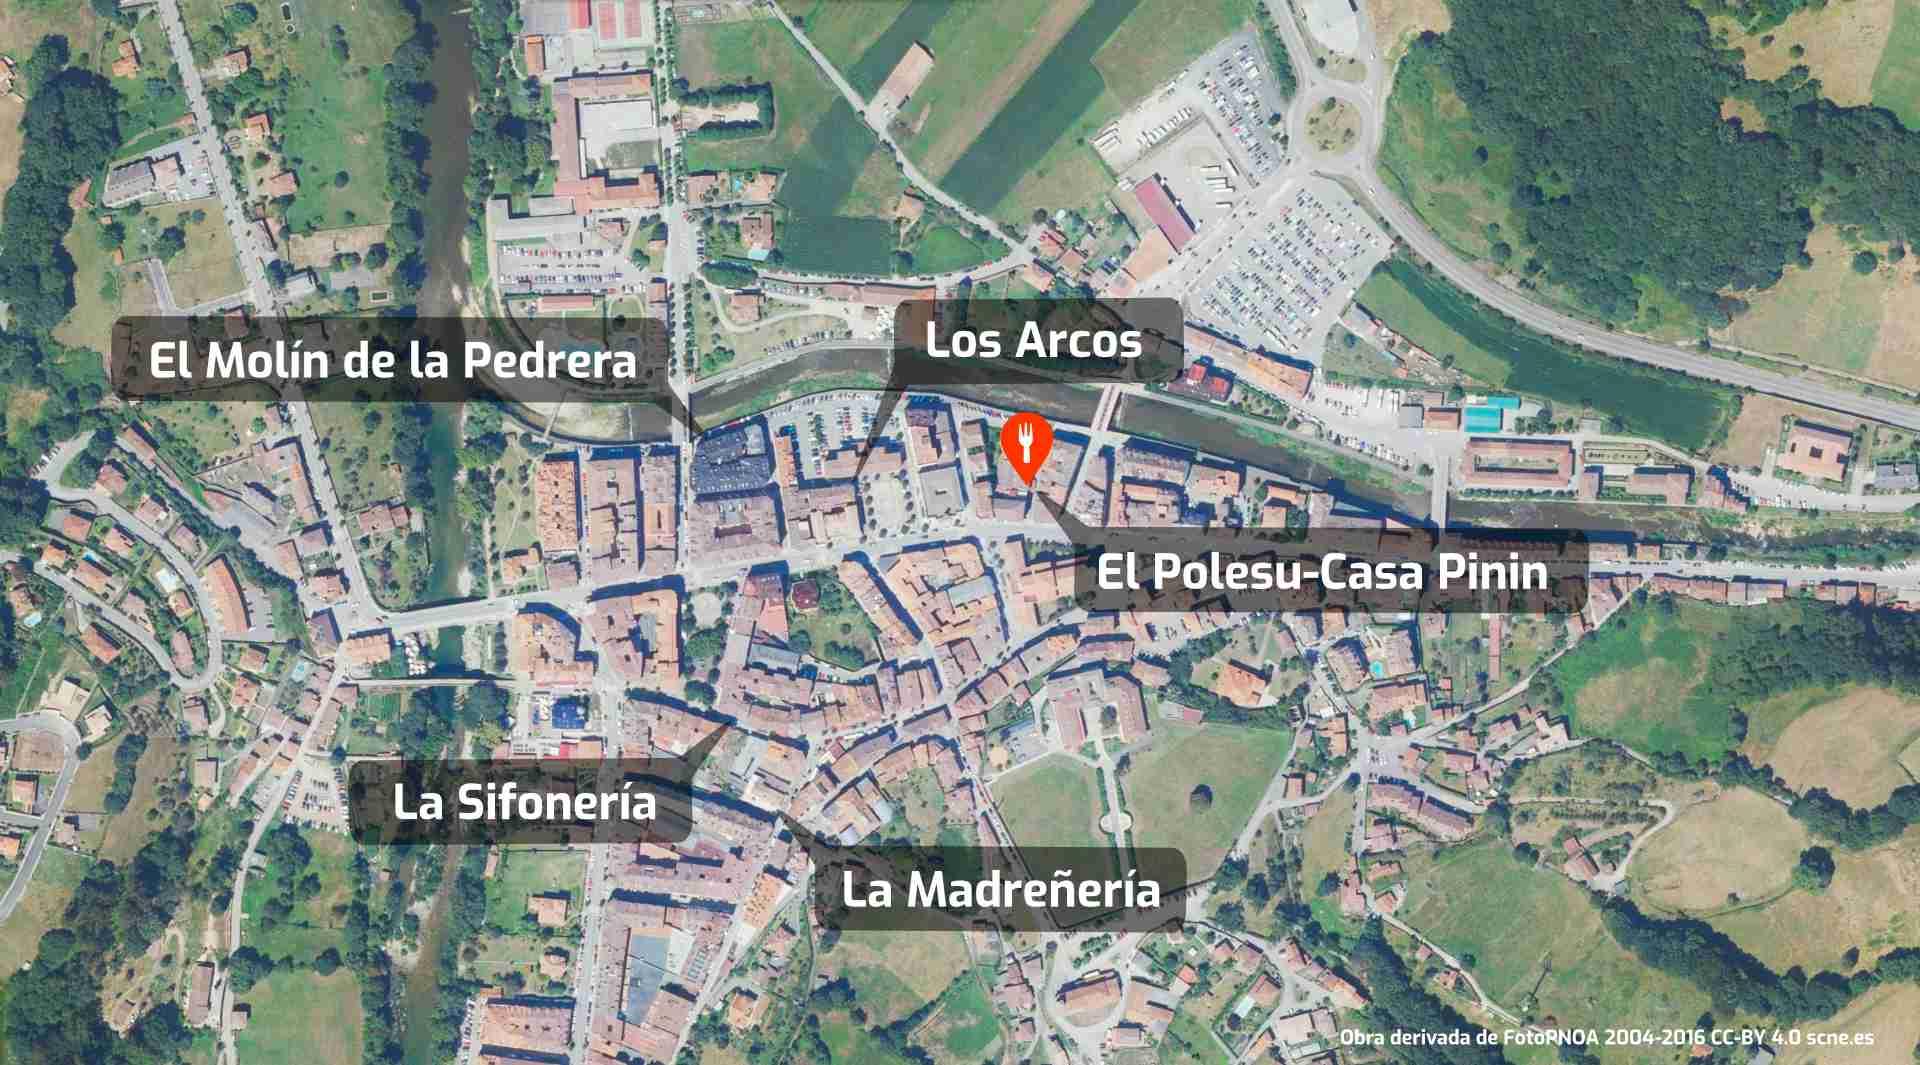 Mapa de cómo llegar al restaurante El Polesu Casa Pinin en Cangas de Onís, Asturias